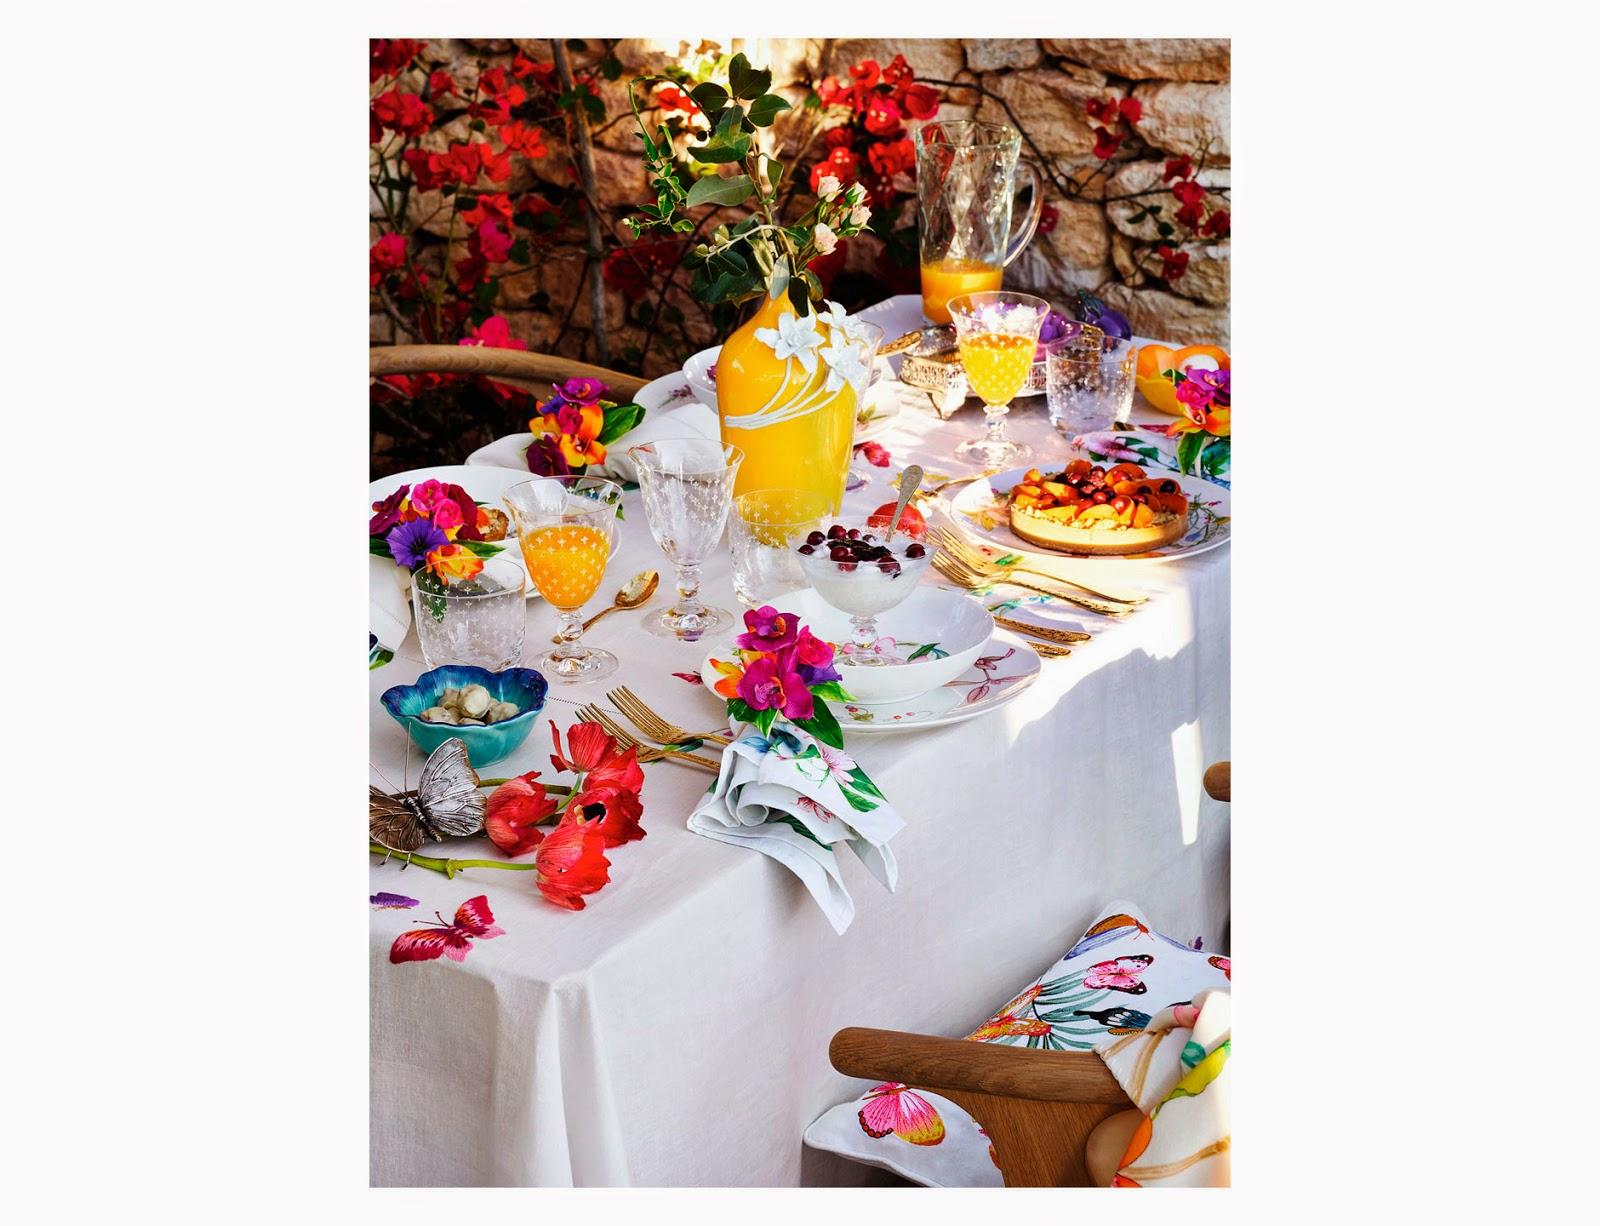 ZARA HOME colección primavera 2014: color estampados florales y motivos marinos